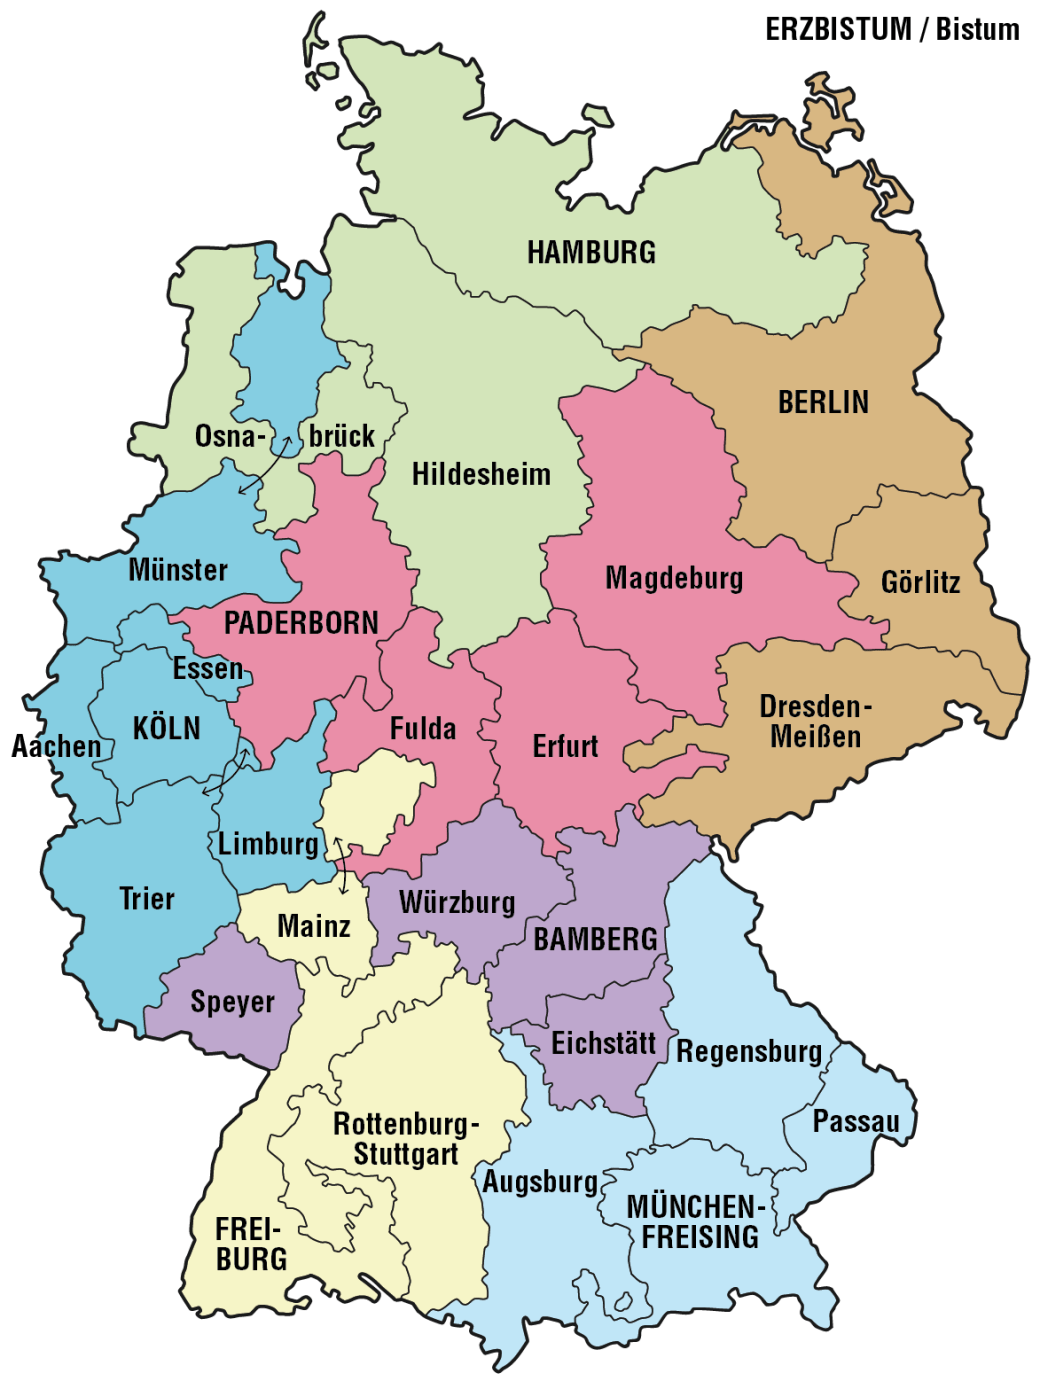 Karte_der_Erzbistümer_und_Bistümer_in_Deutschland